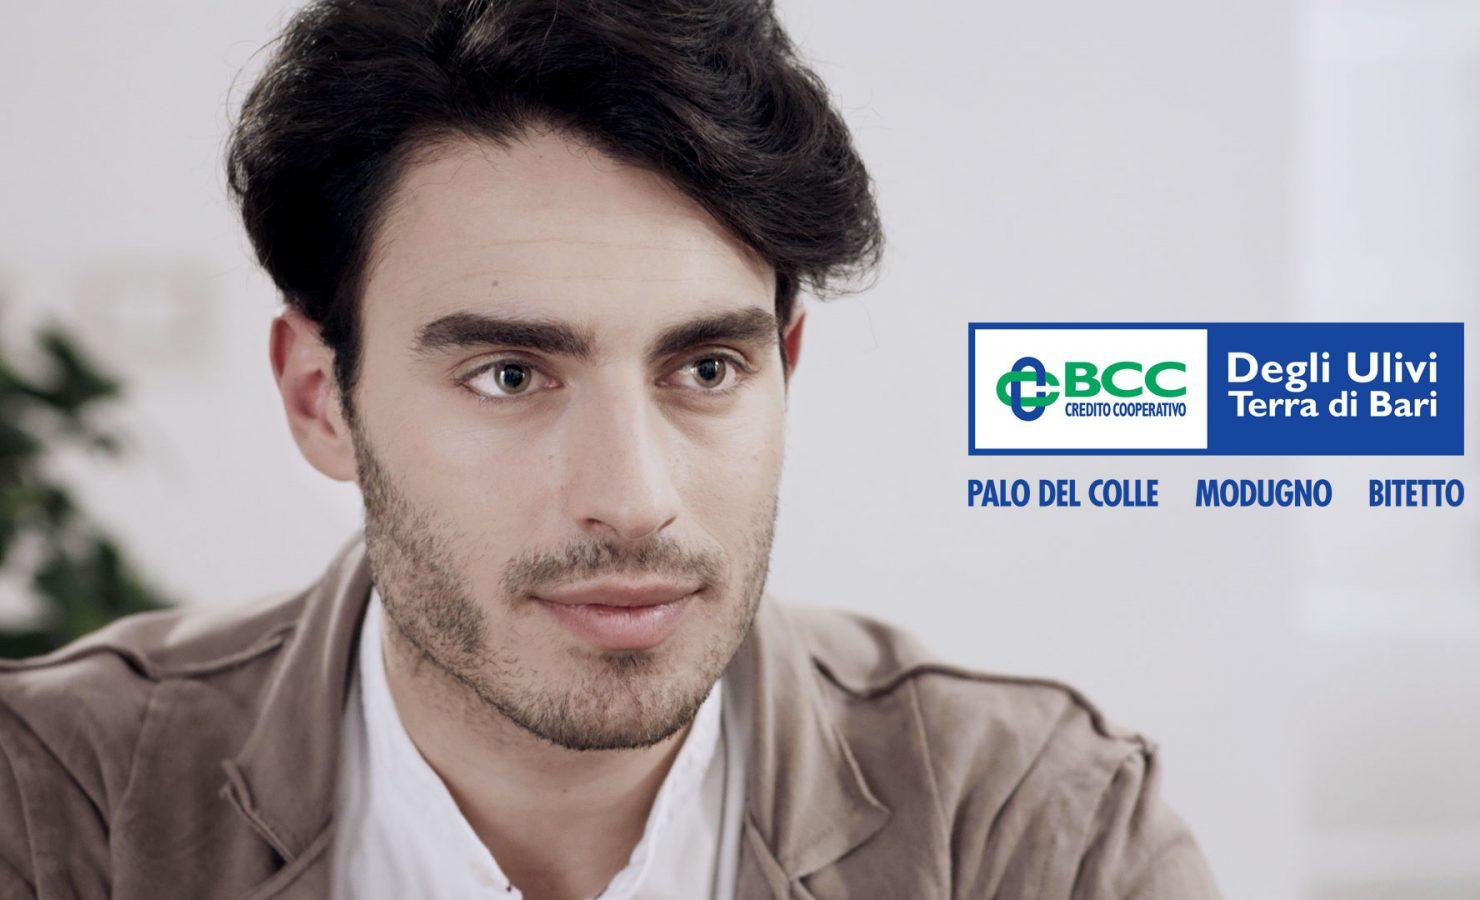 BCC degli Ulivi, Terra di Bari